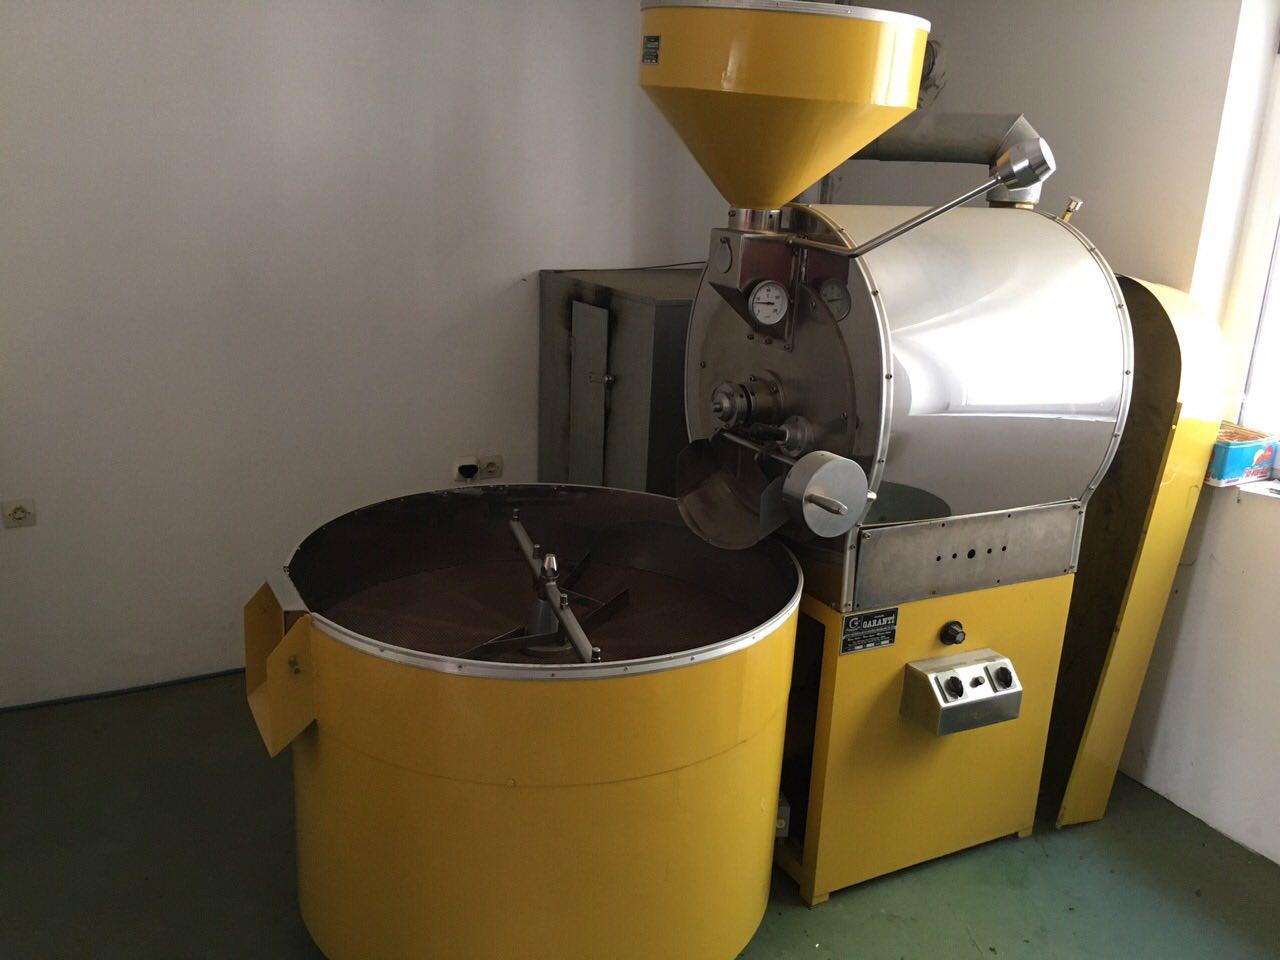 Used Has Garanti 30 Coffee roaster - Exapro